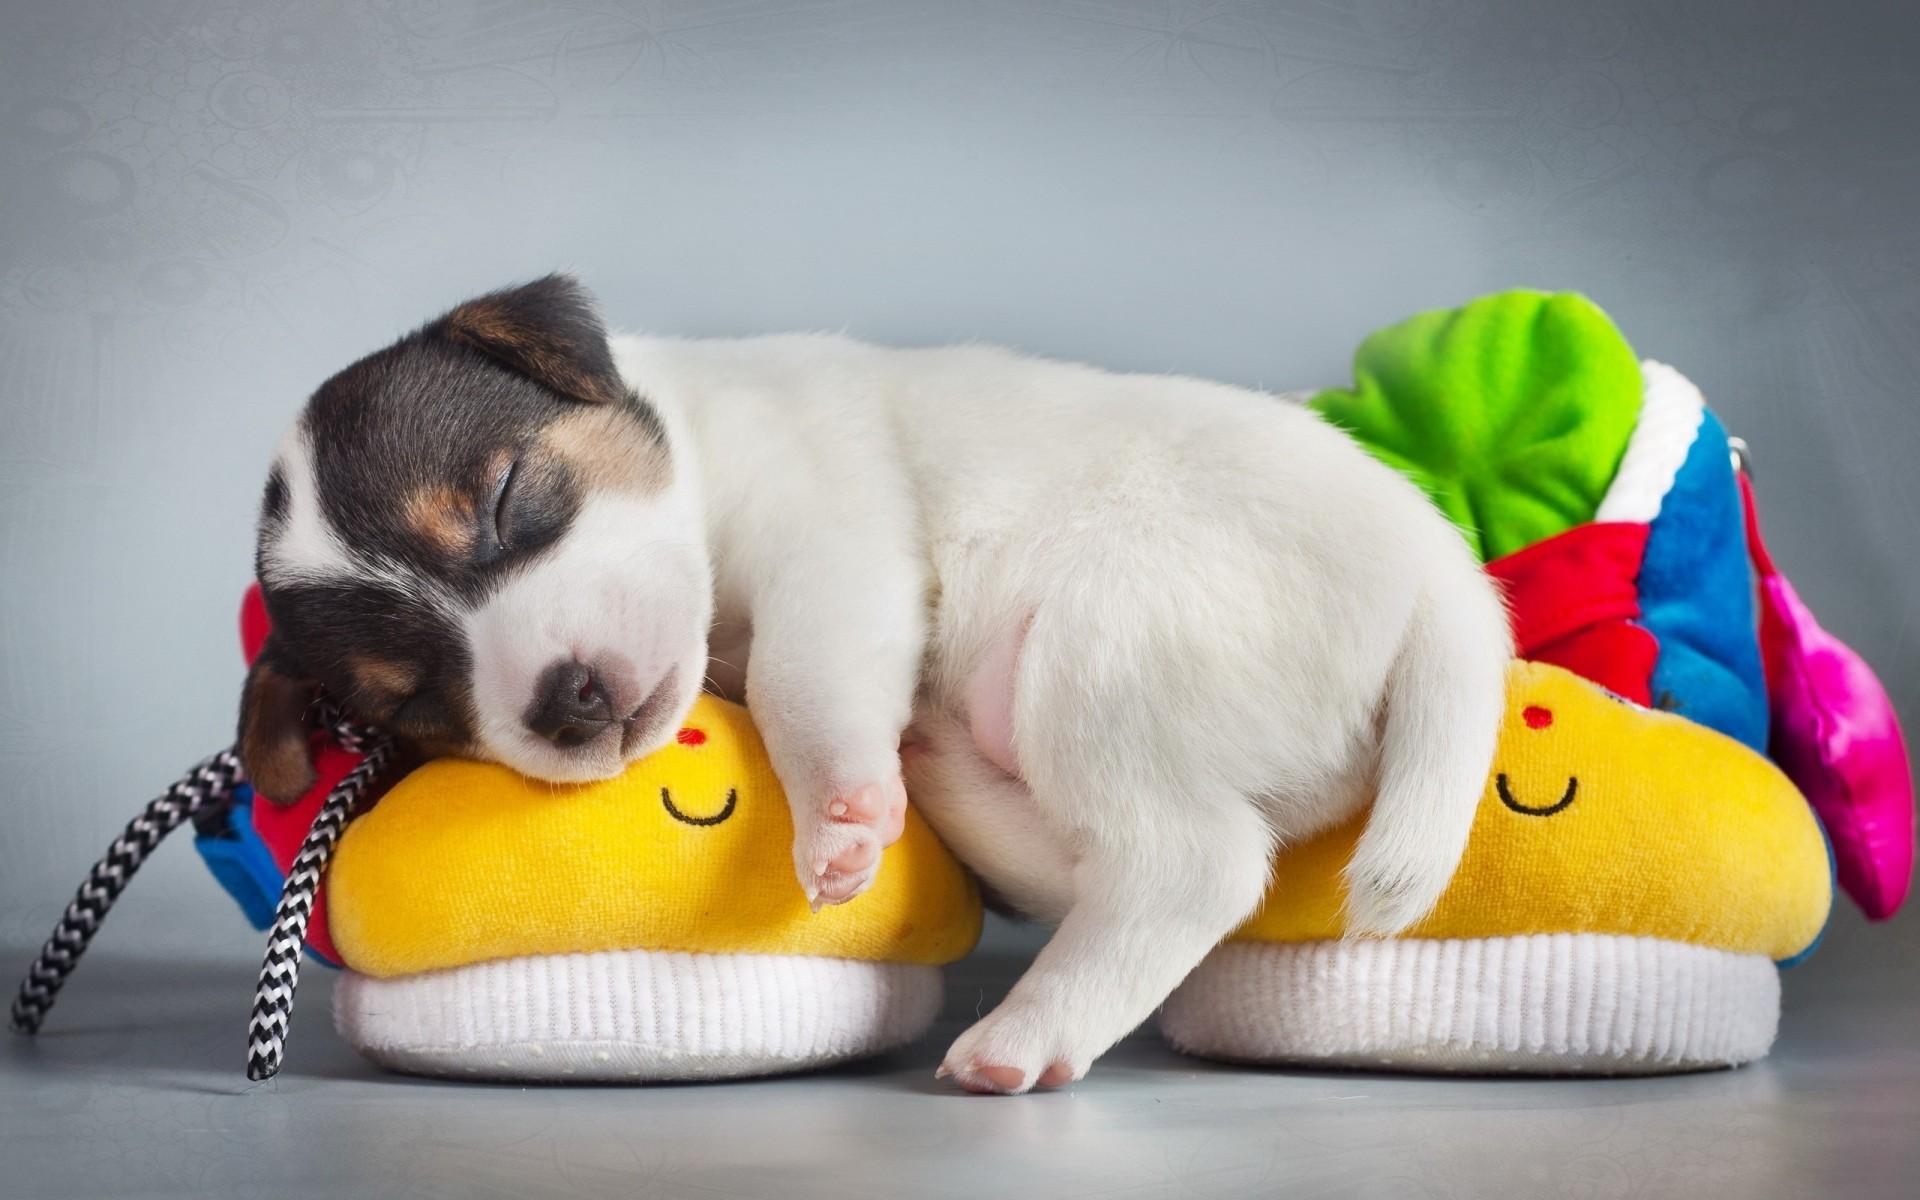 собака спит на обуви Дебильная девочка